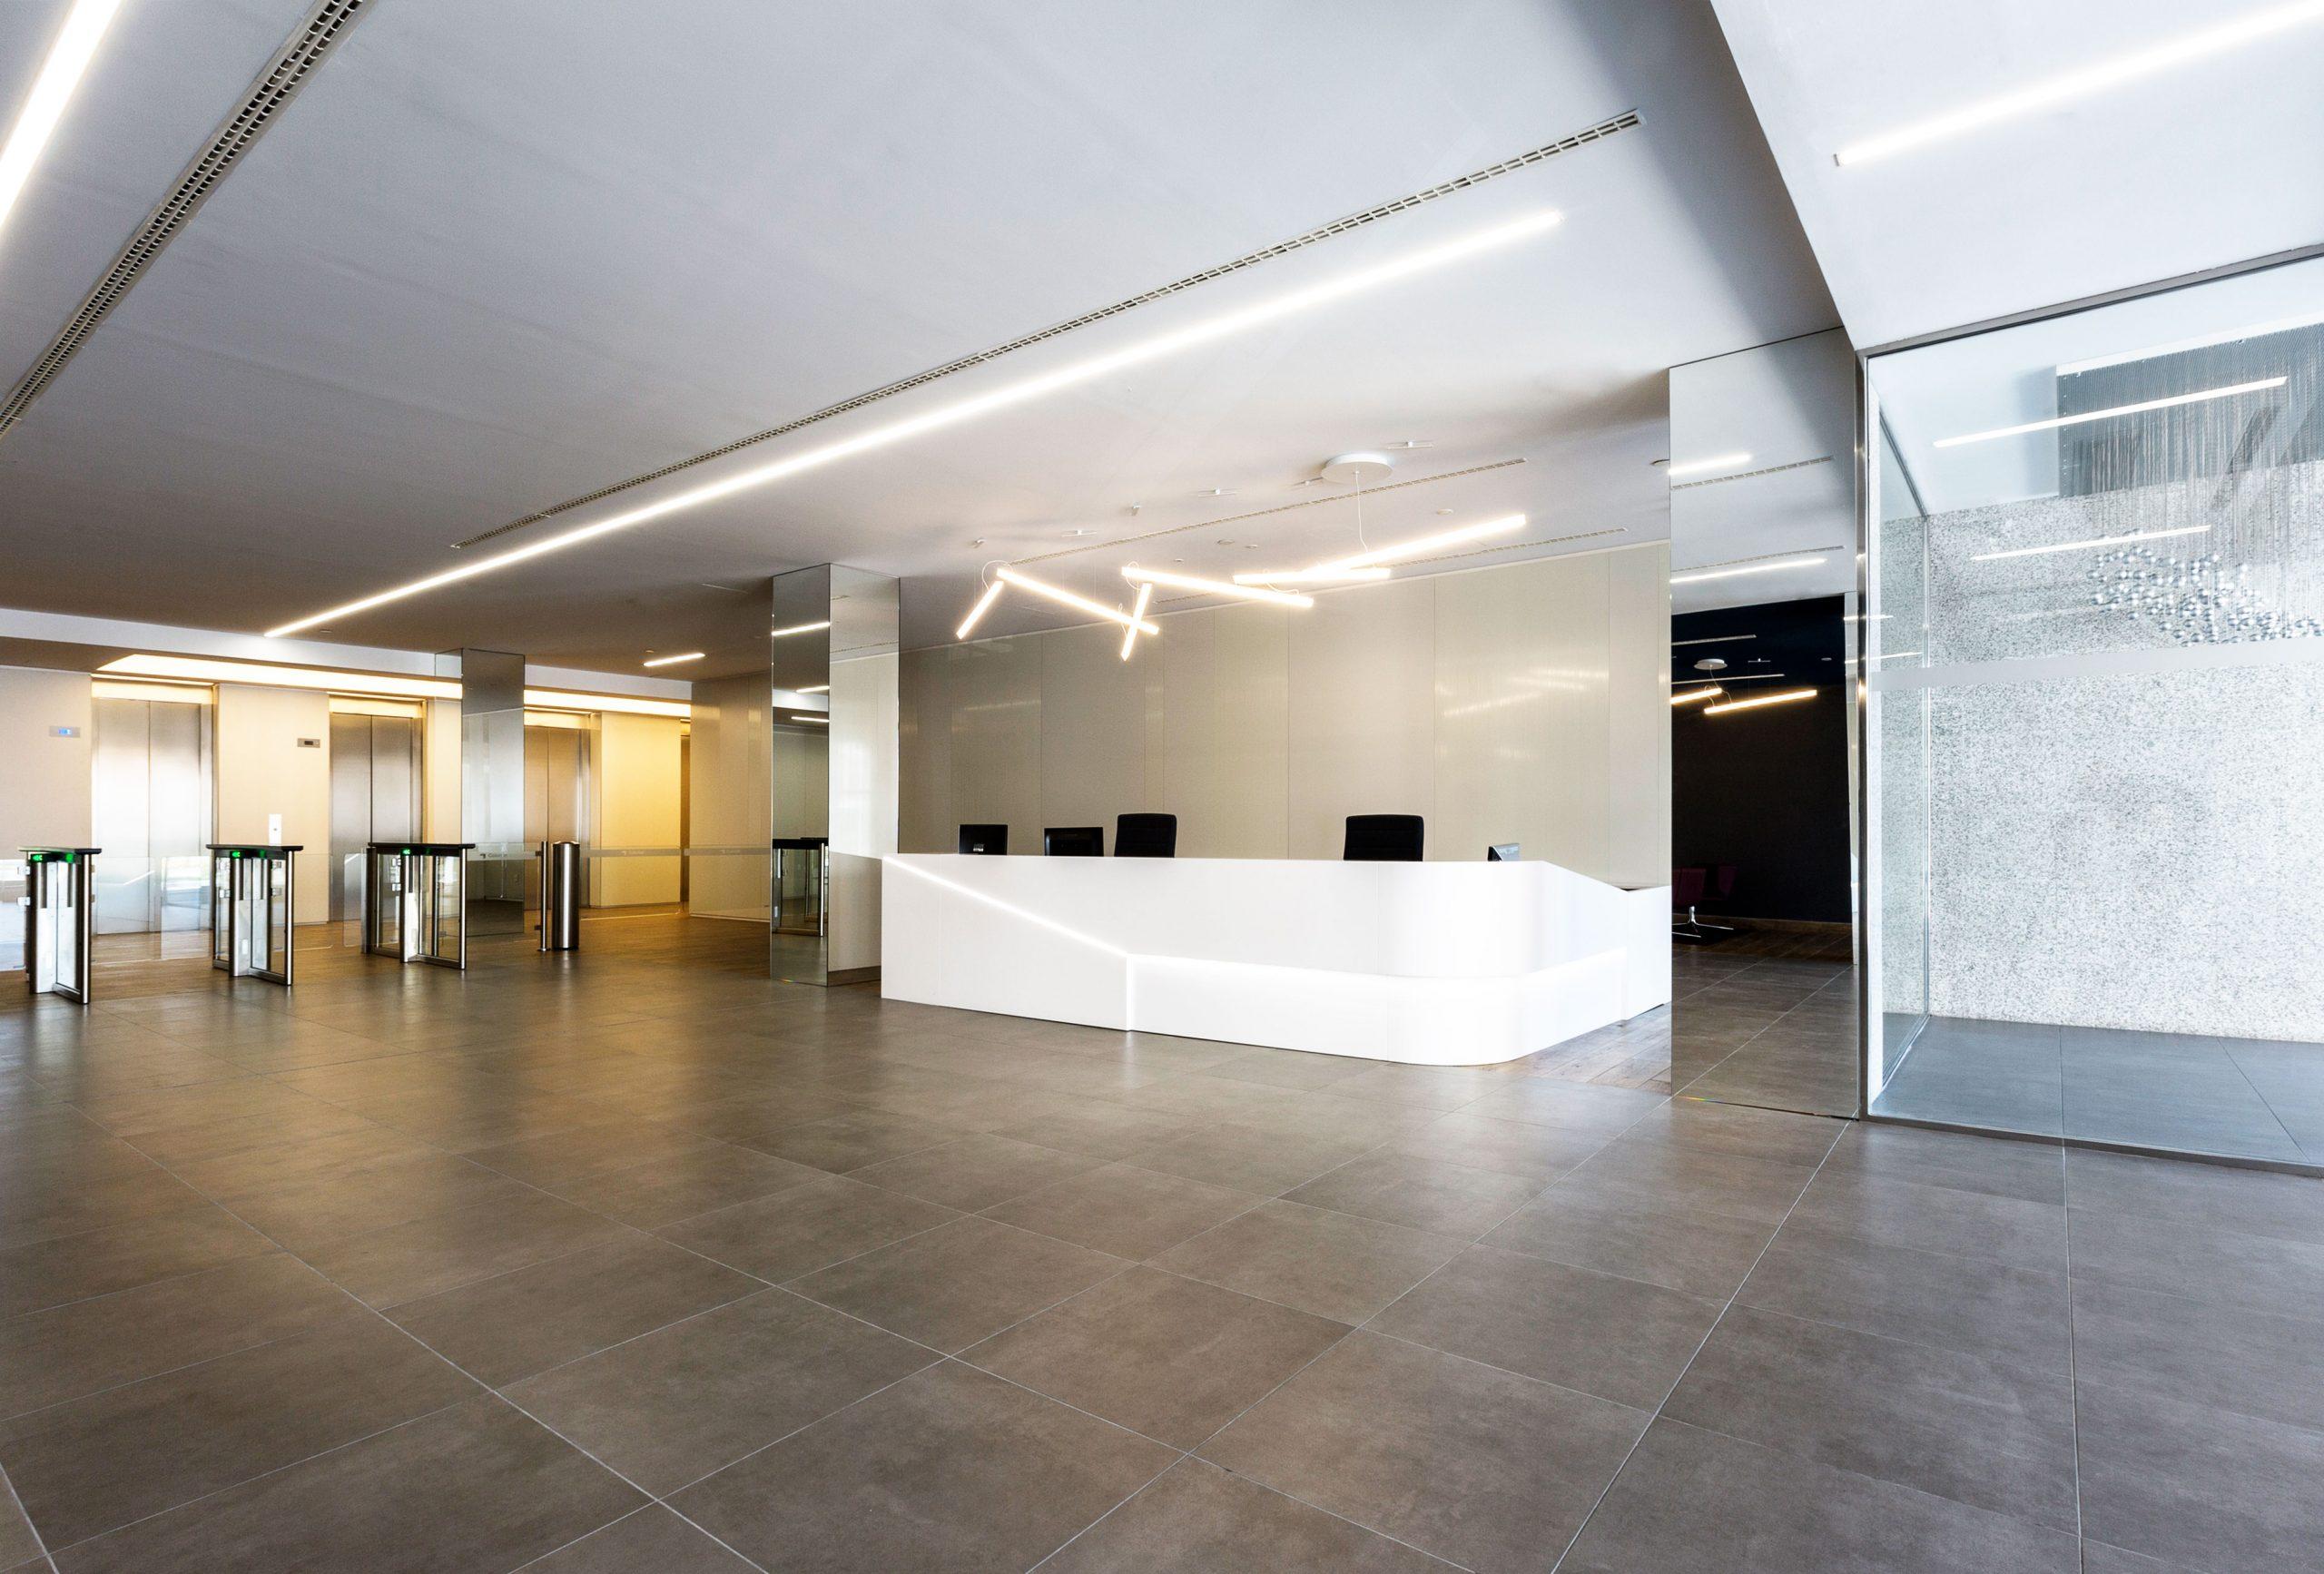 arquitectura_corporativa_mostrador_recepcion_lamparas_vibia_suelos_porcelanosa